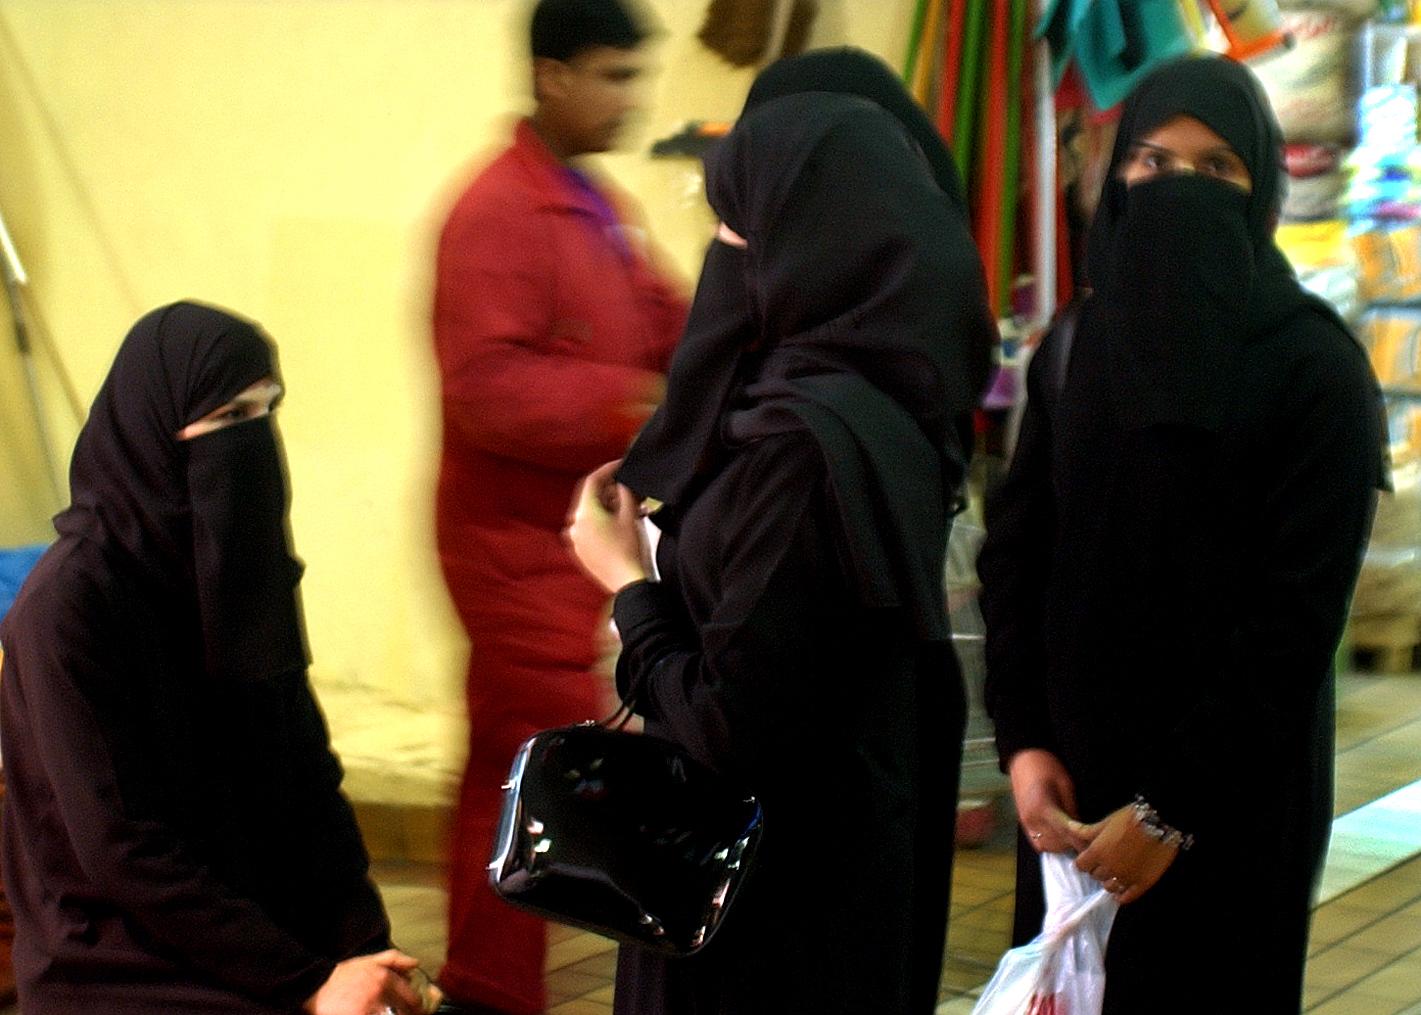 Muslim Women in Kuwait City